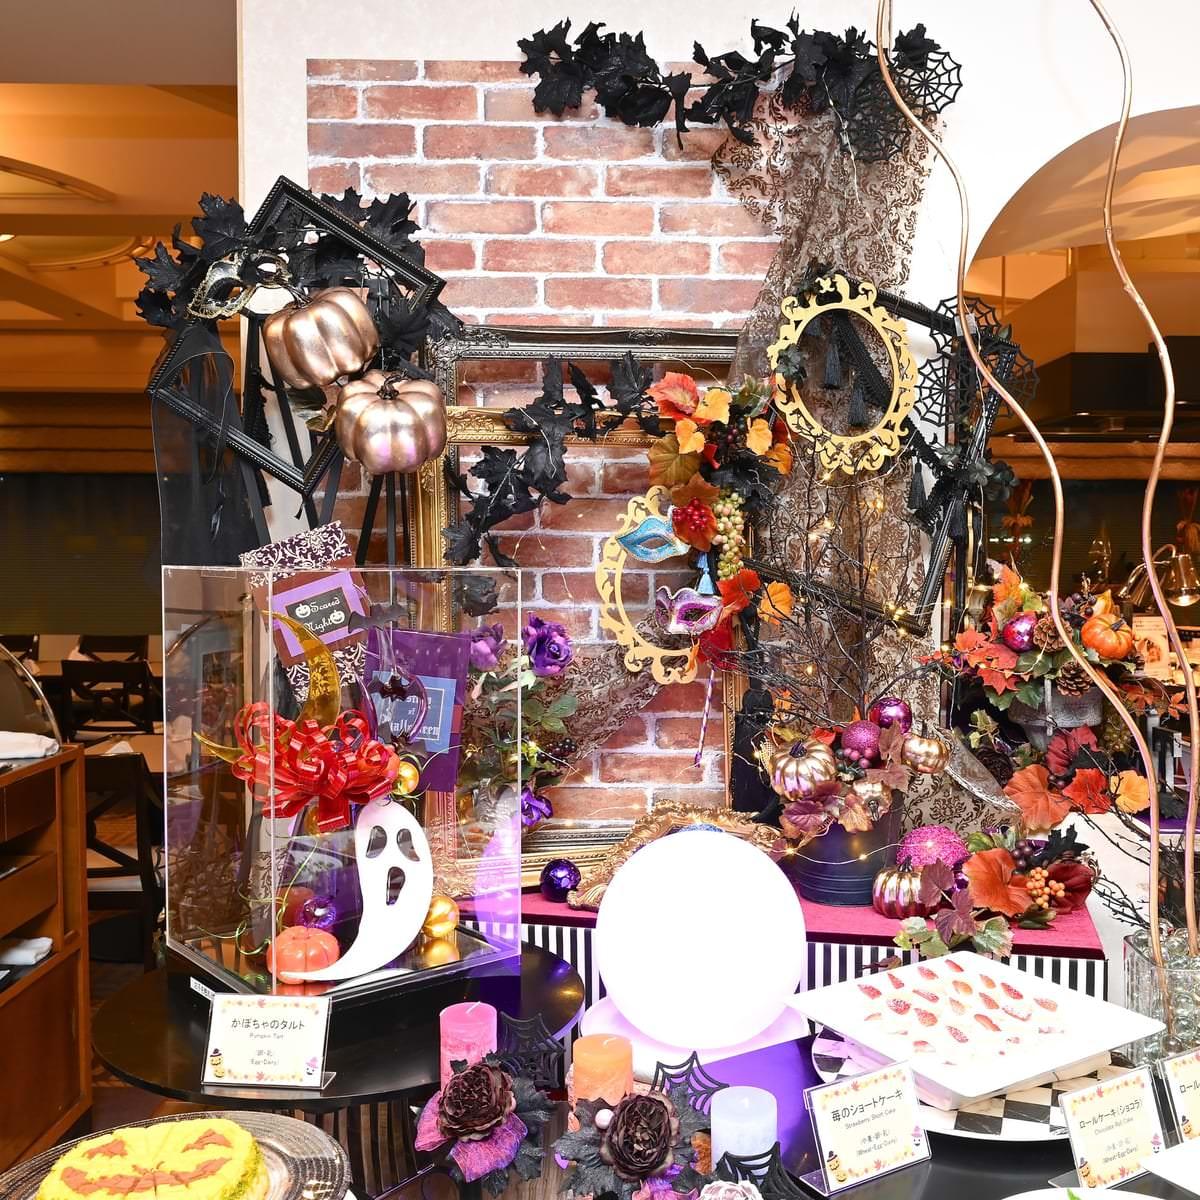 浦安ブライトンホテル東京ベイ レストラン カシュカシュ「ネオ・ビストロ・ビュッフェ~秋のスペイン祭&ハロウィーンスイーツギャラリー~」